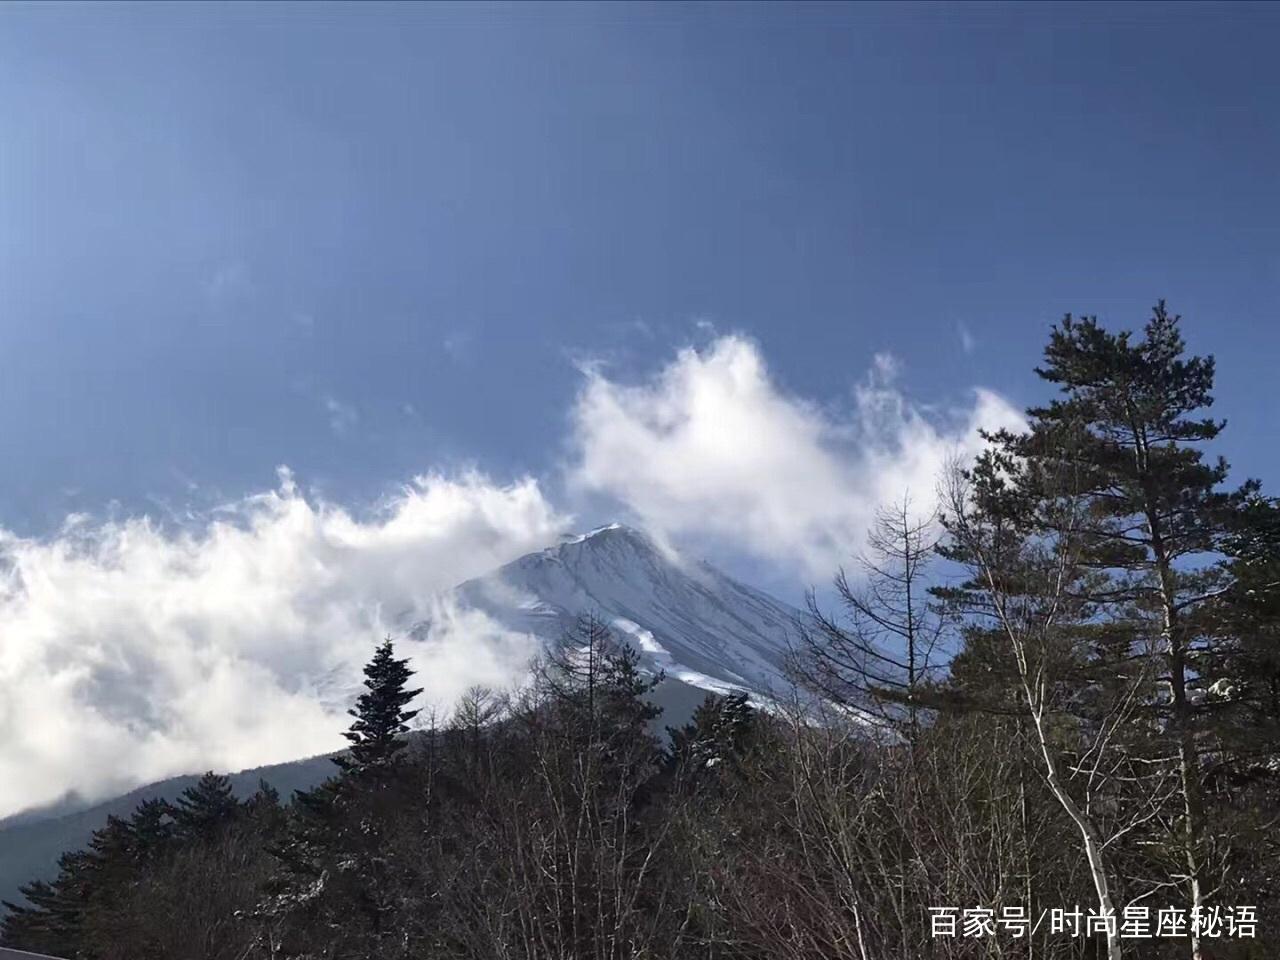 富士山美景:气势宏伟的富士山,令人浮想联翩,果真壮观